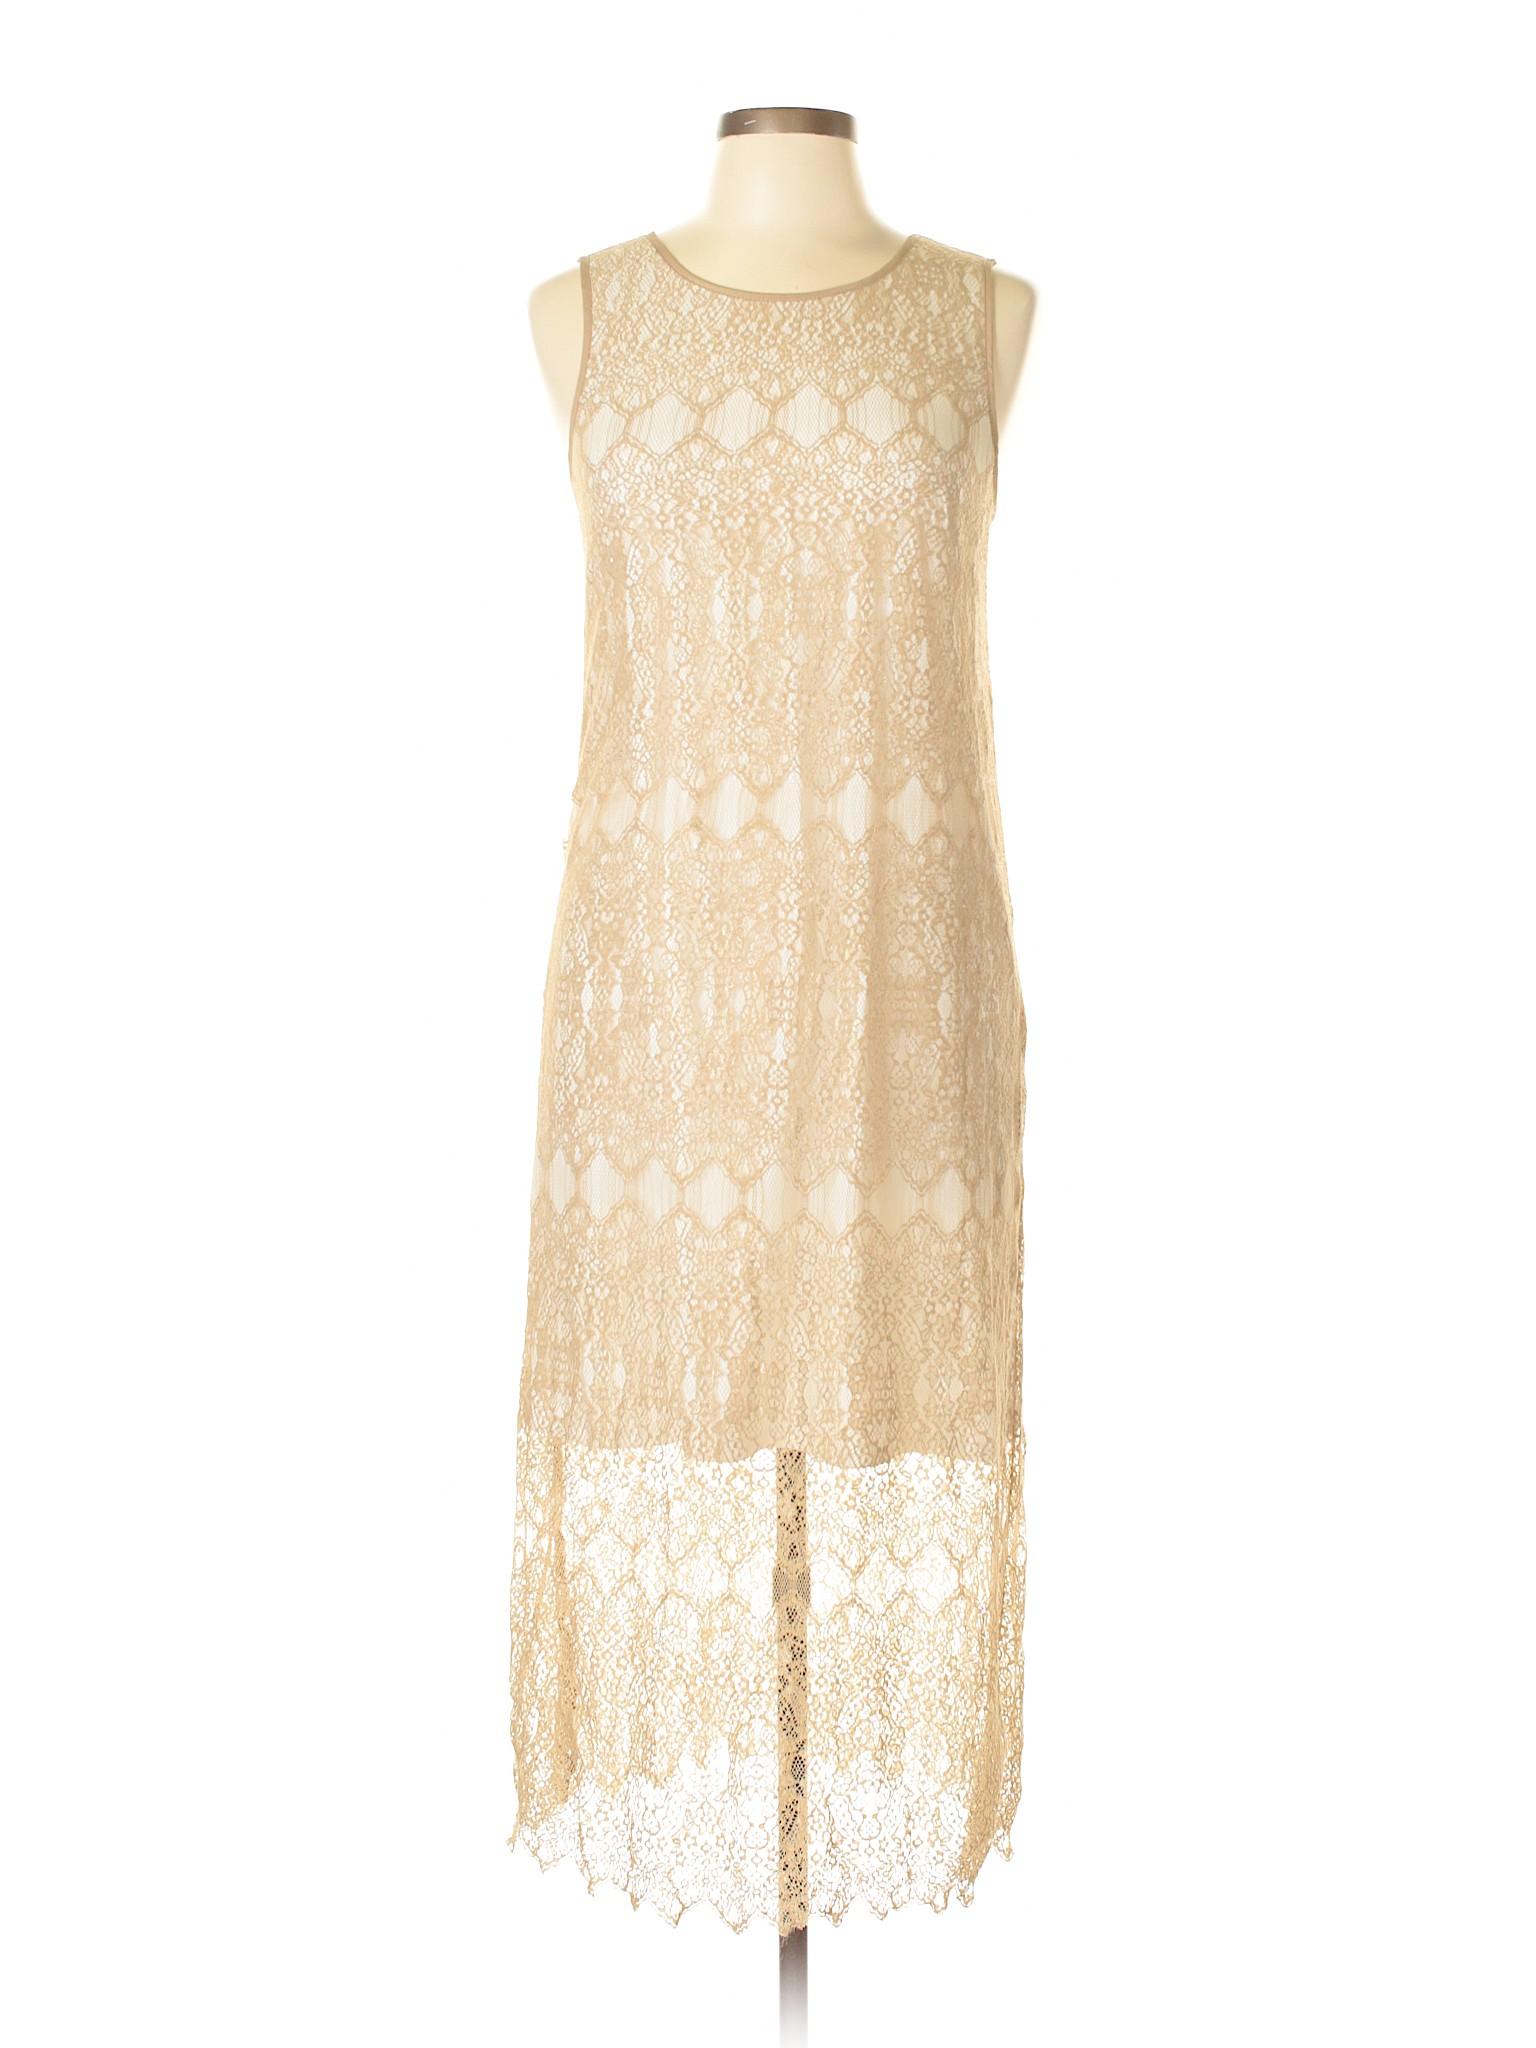 Kensie Casual Kensie Kensie Selling Selling Dress Casual Kensie Dress Casual Casual Dress Selling Selling Ax51w